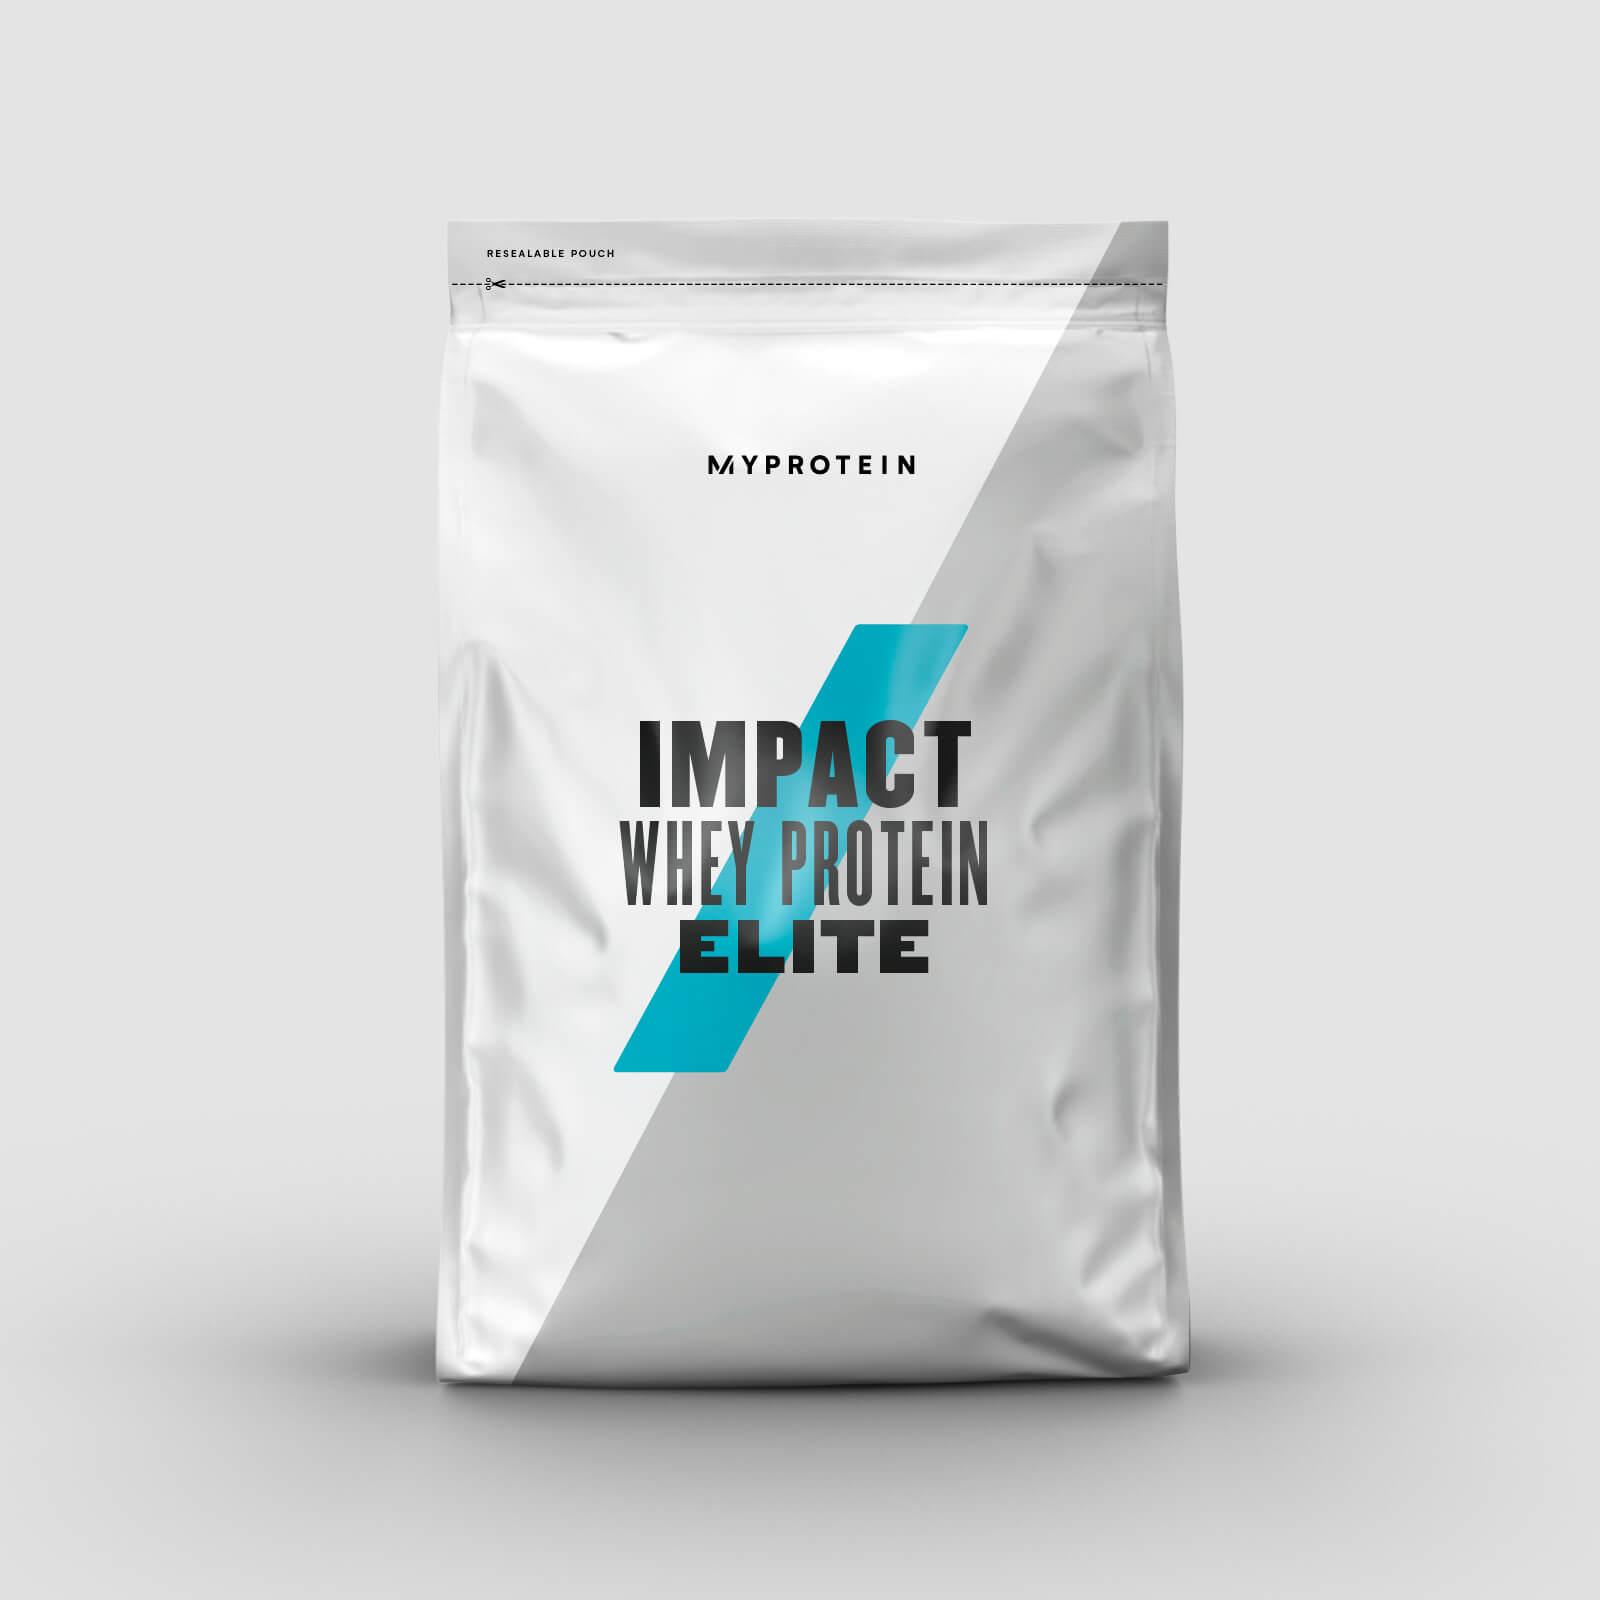 Bis Mitternacht: 55% + 5% extra auf 273 Produkte bei Myprotein, z.B. 2.5kg Whey - 20,08€ | 5kg Instant Oats - 6,48€ | 1kg Creatin - 8,11€